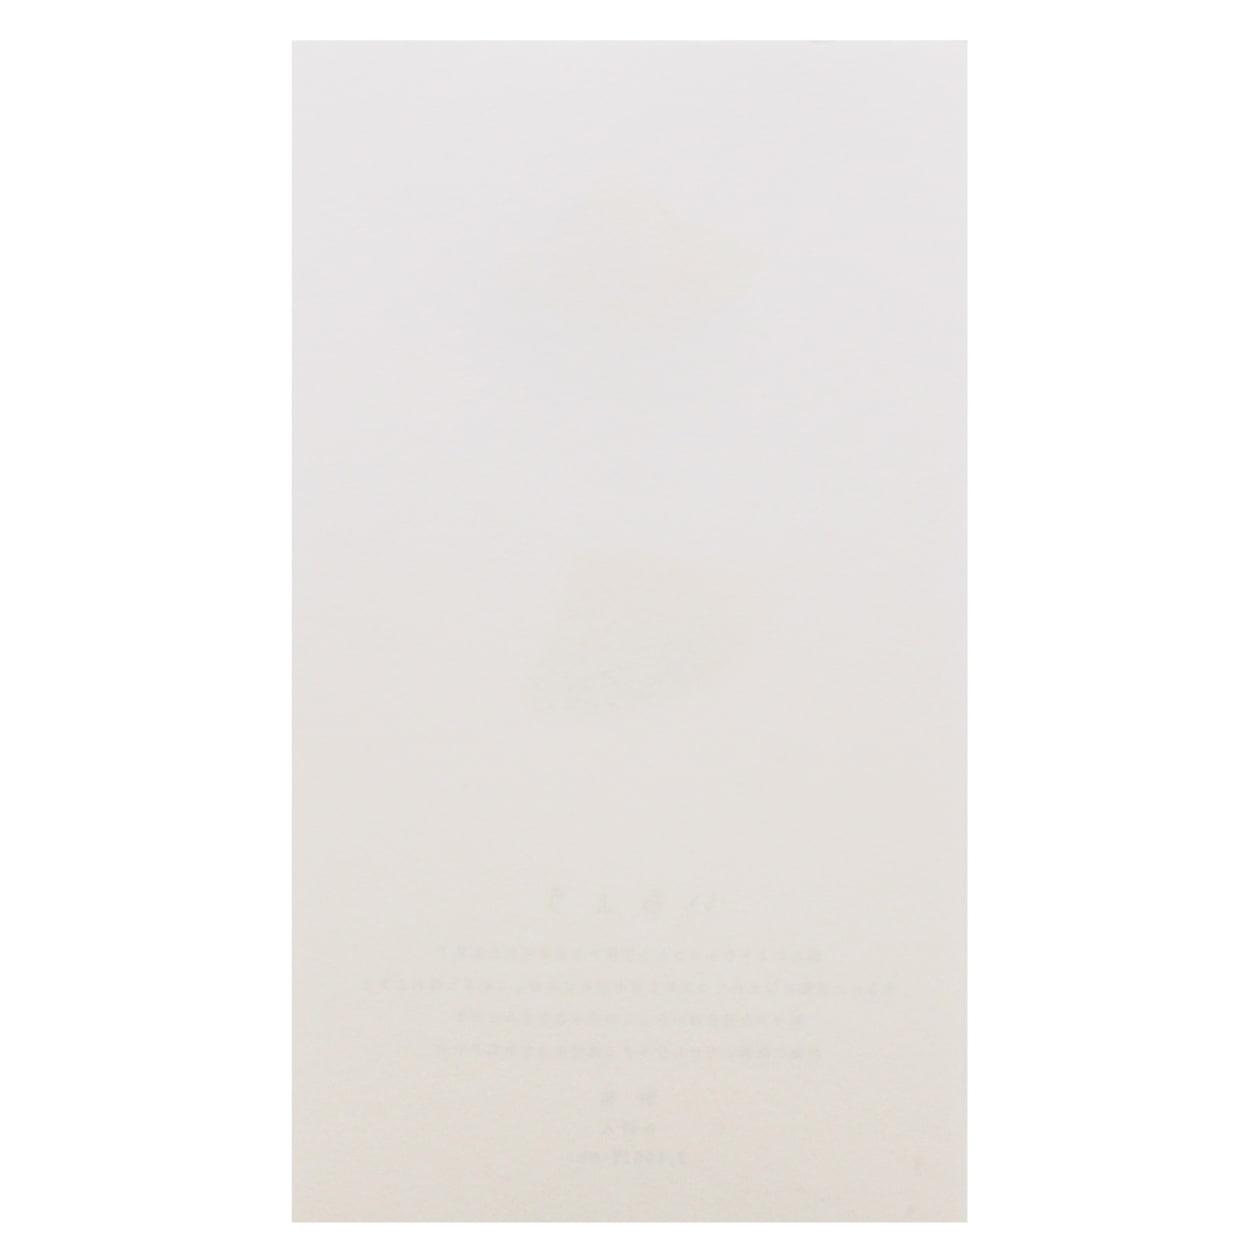 サンプル カード・シート 00175